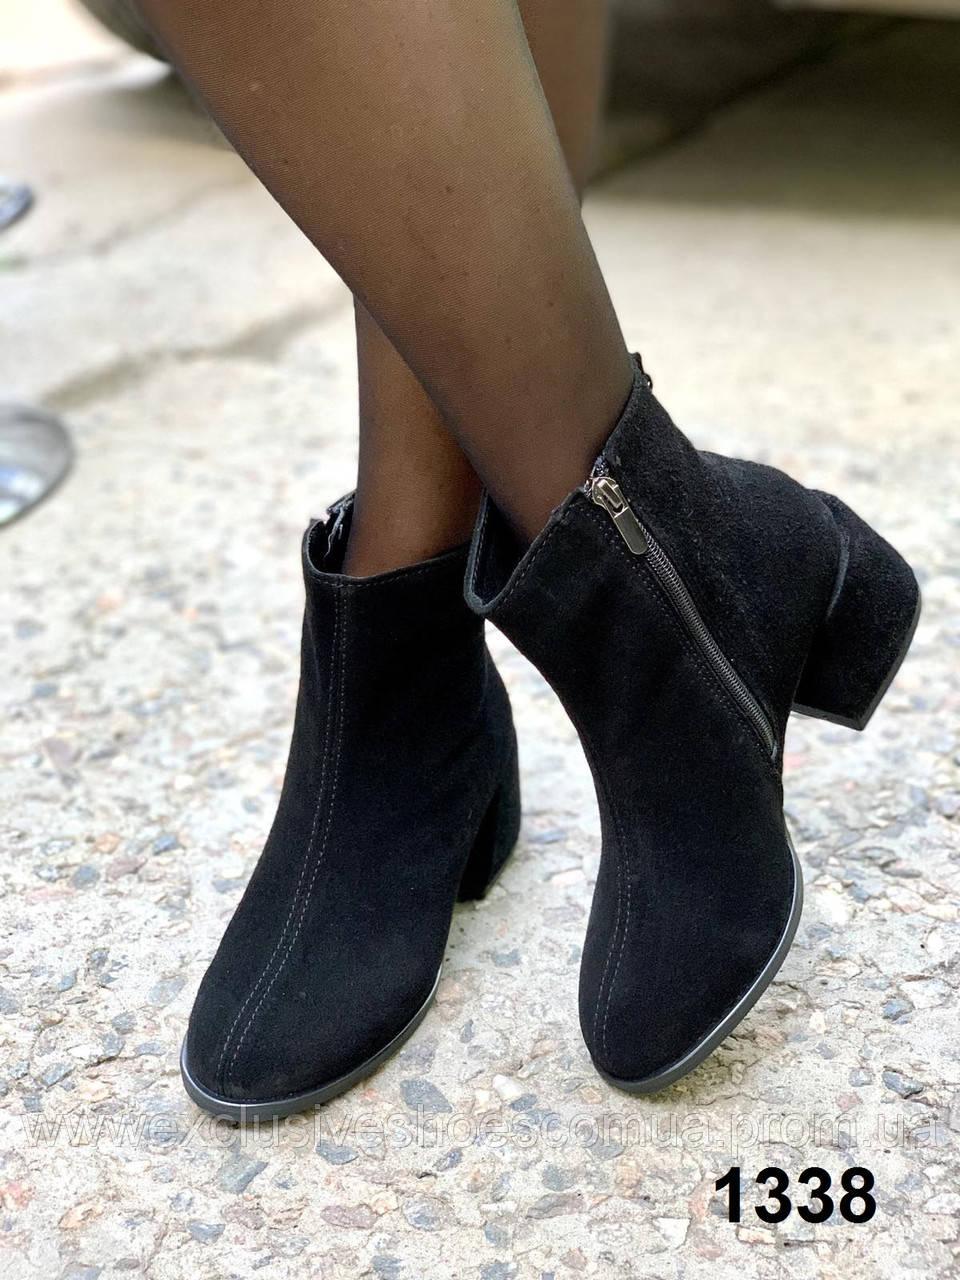 Ботильоны женские замшевые на каблуке черные